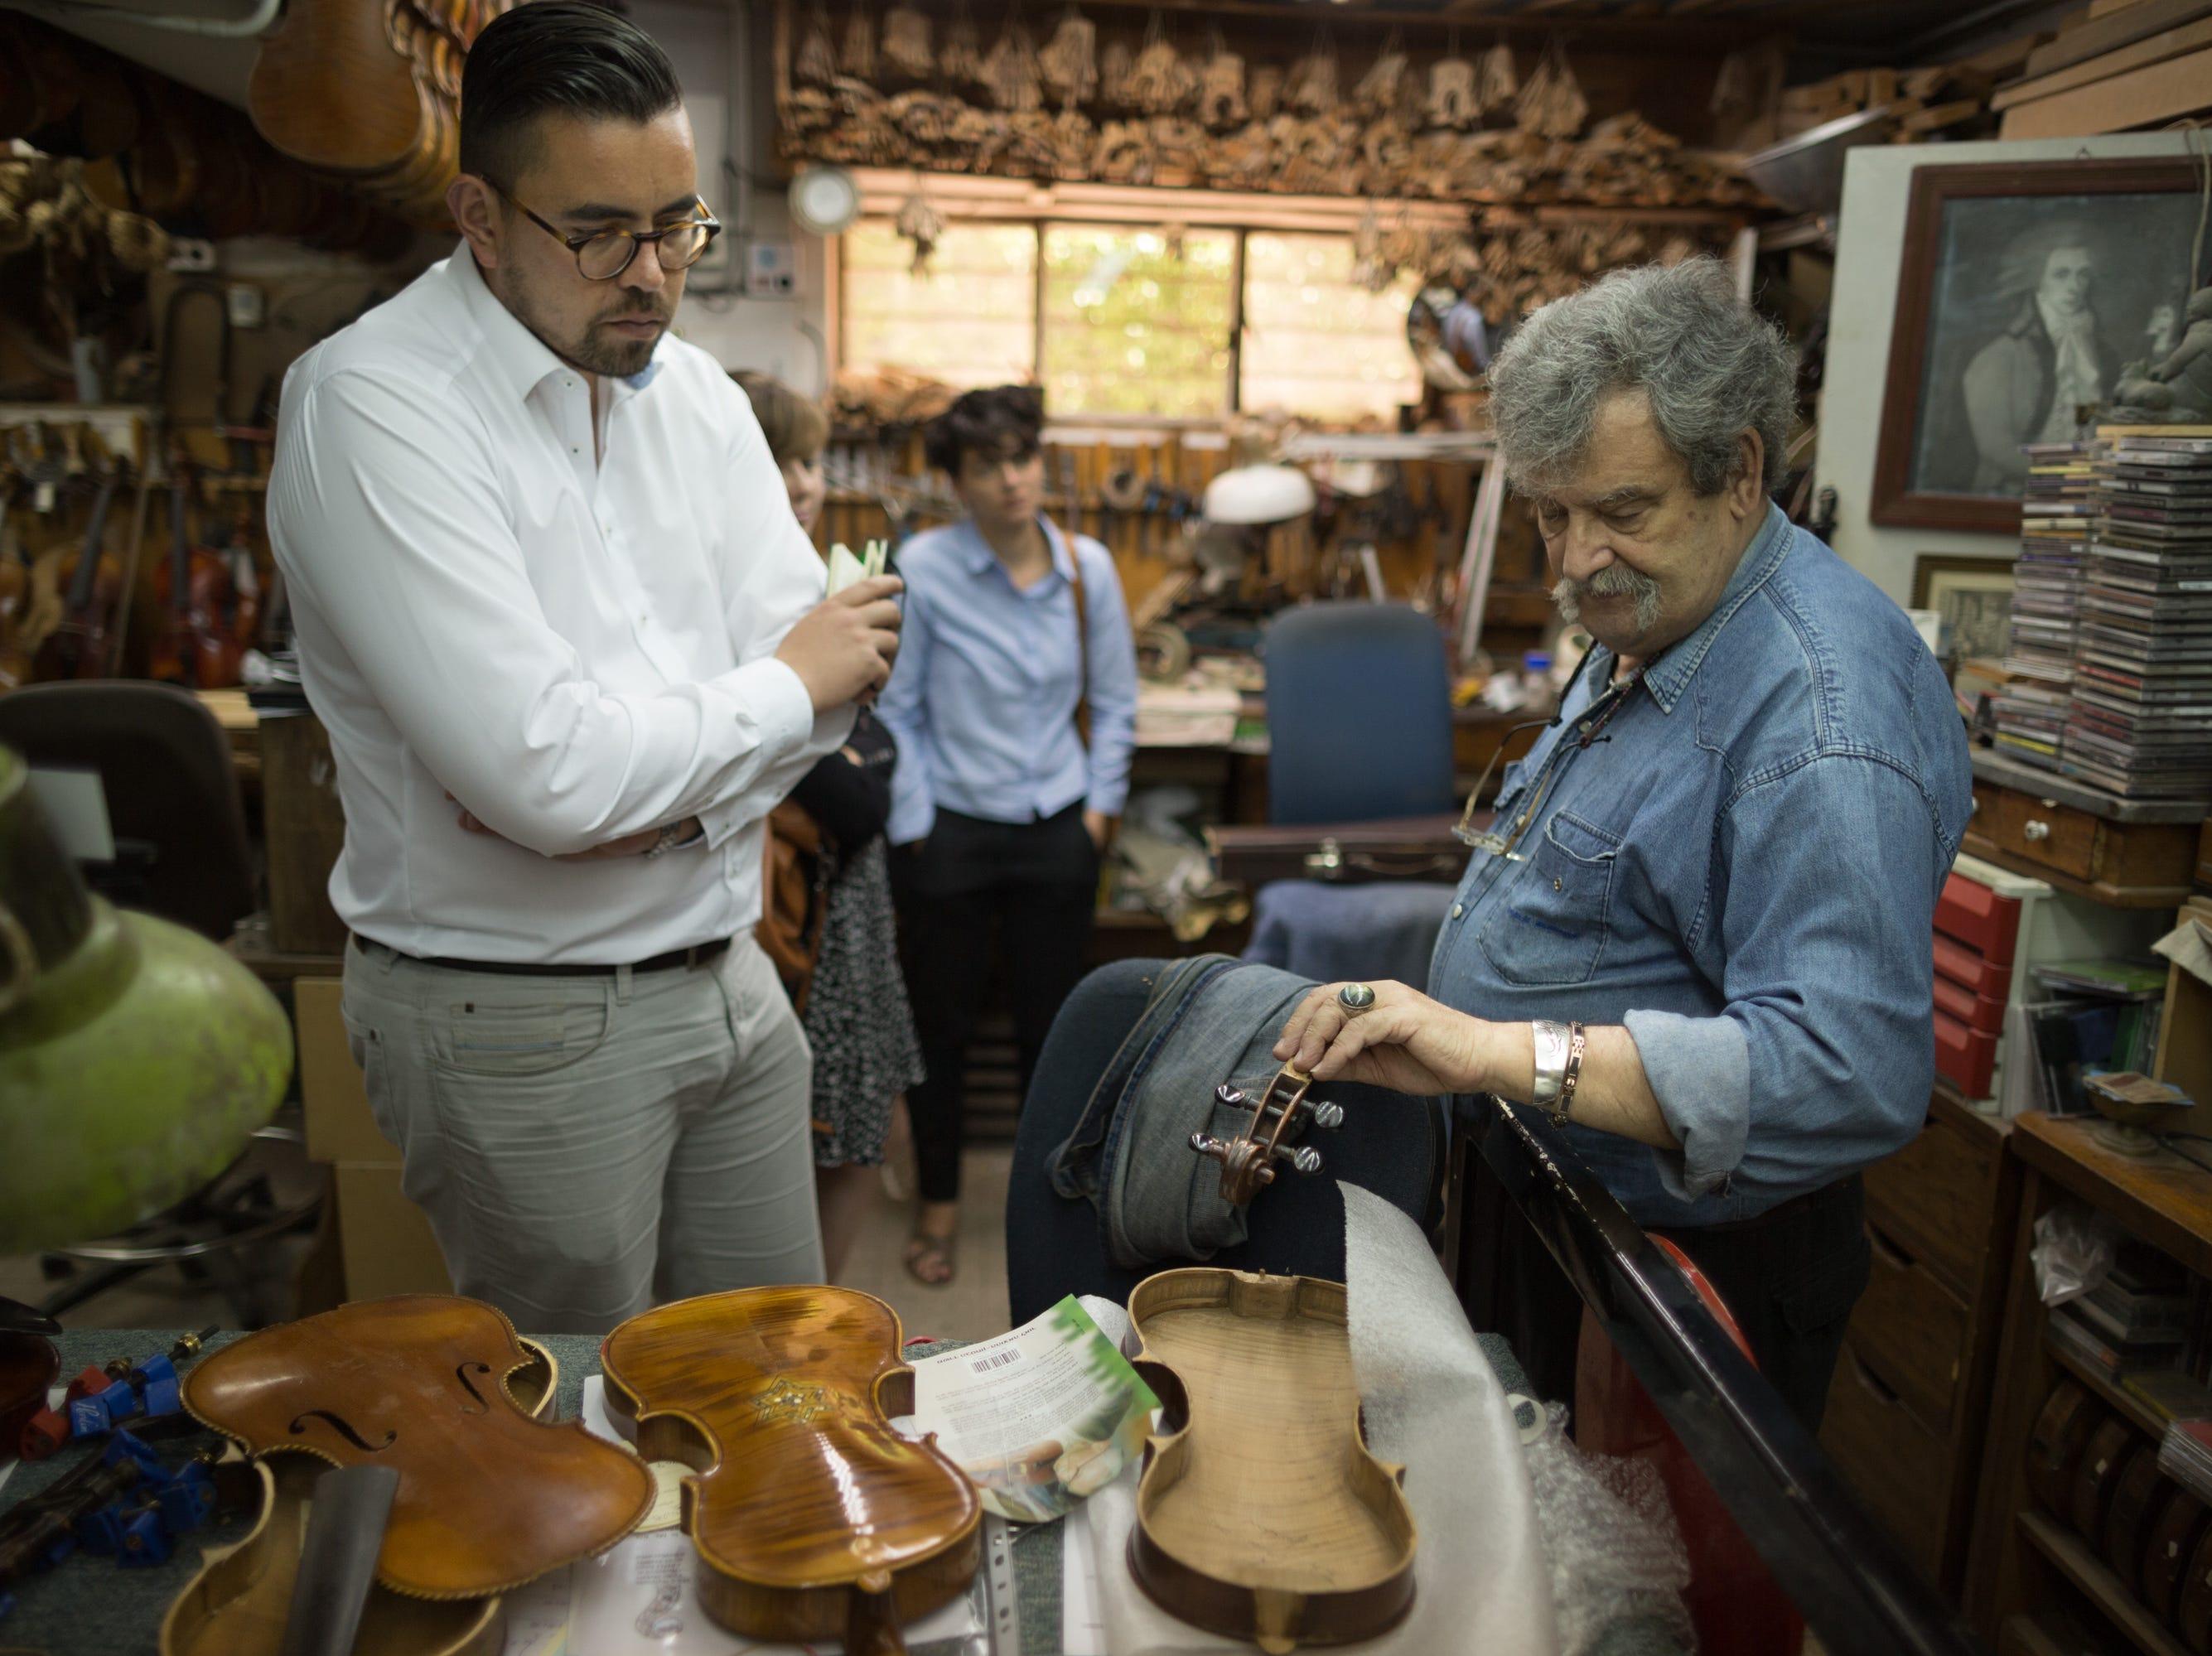 Israeli violinmaker Amnon Weinstein examining violins in his workshop.